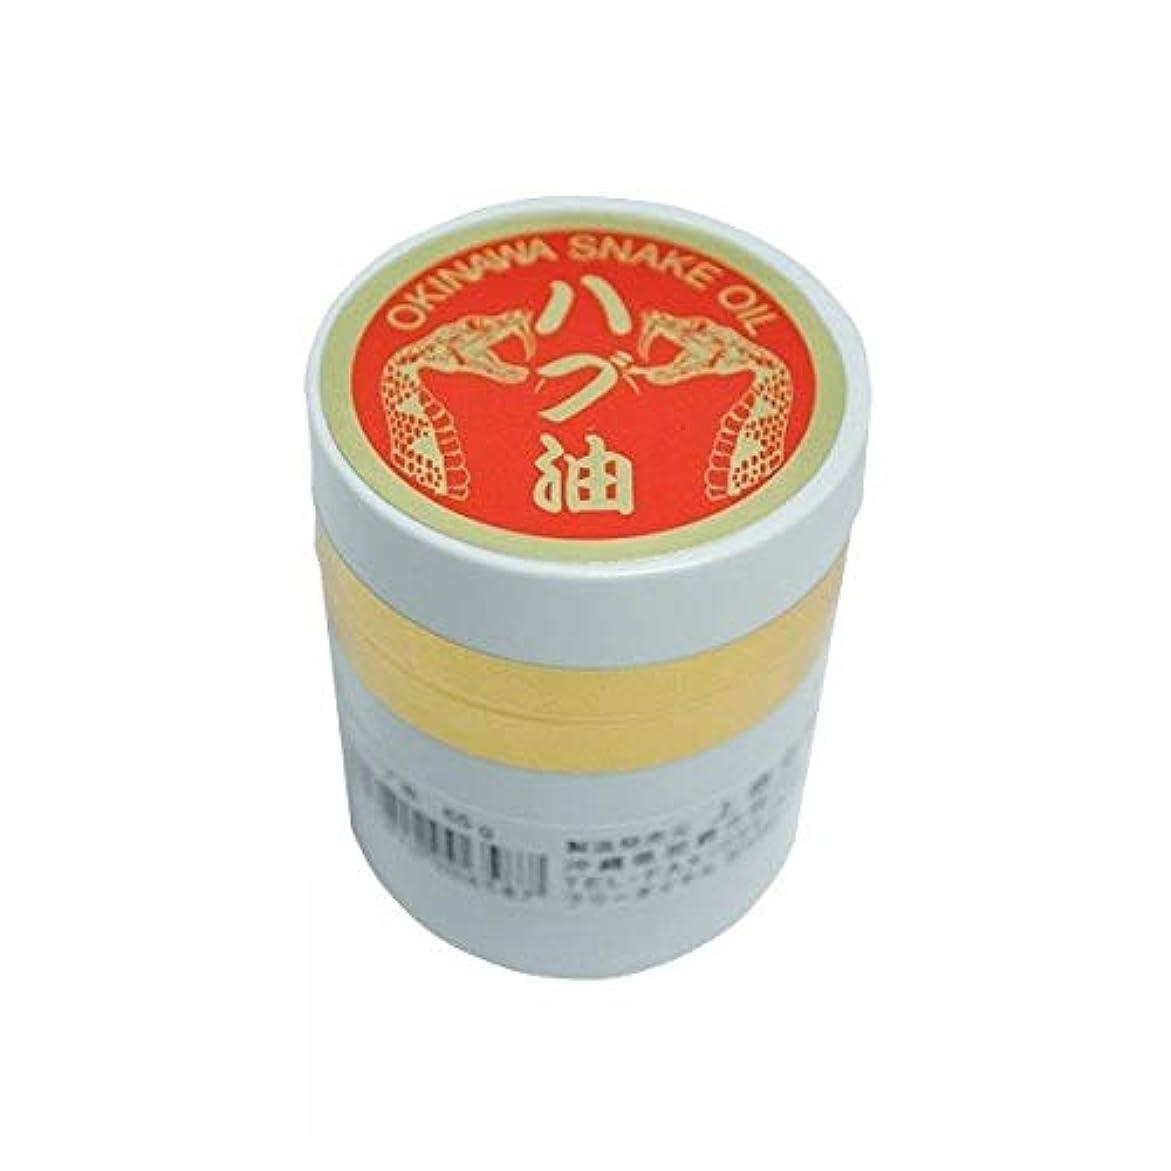 湿ったデンマーク語グロー沖縄産 ハブ油 65g 軟膏タイプ